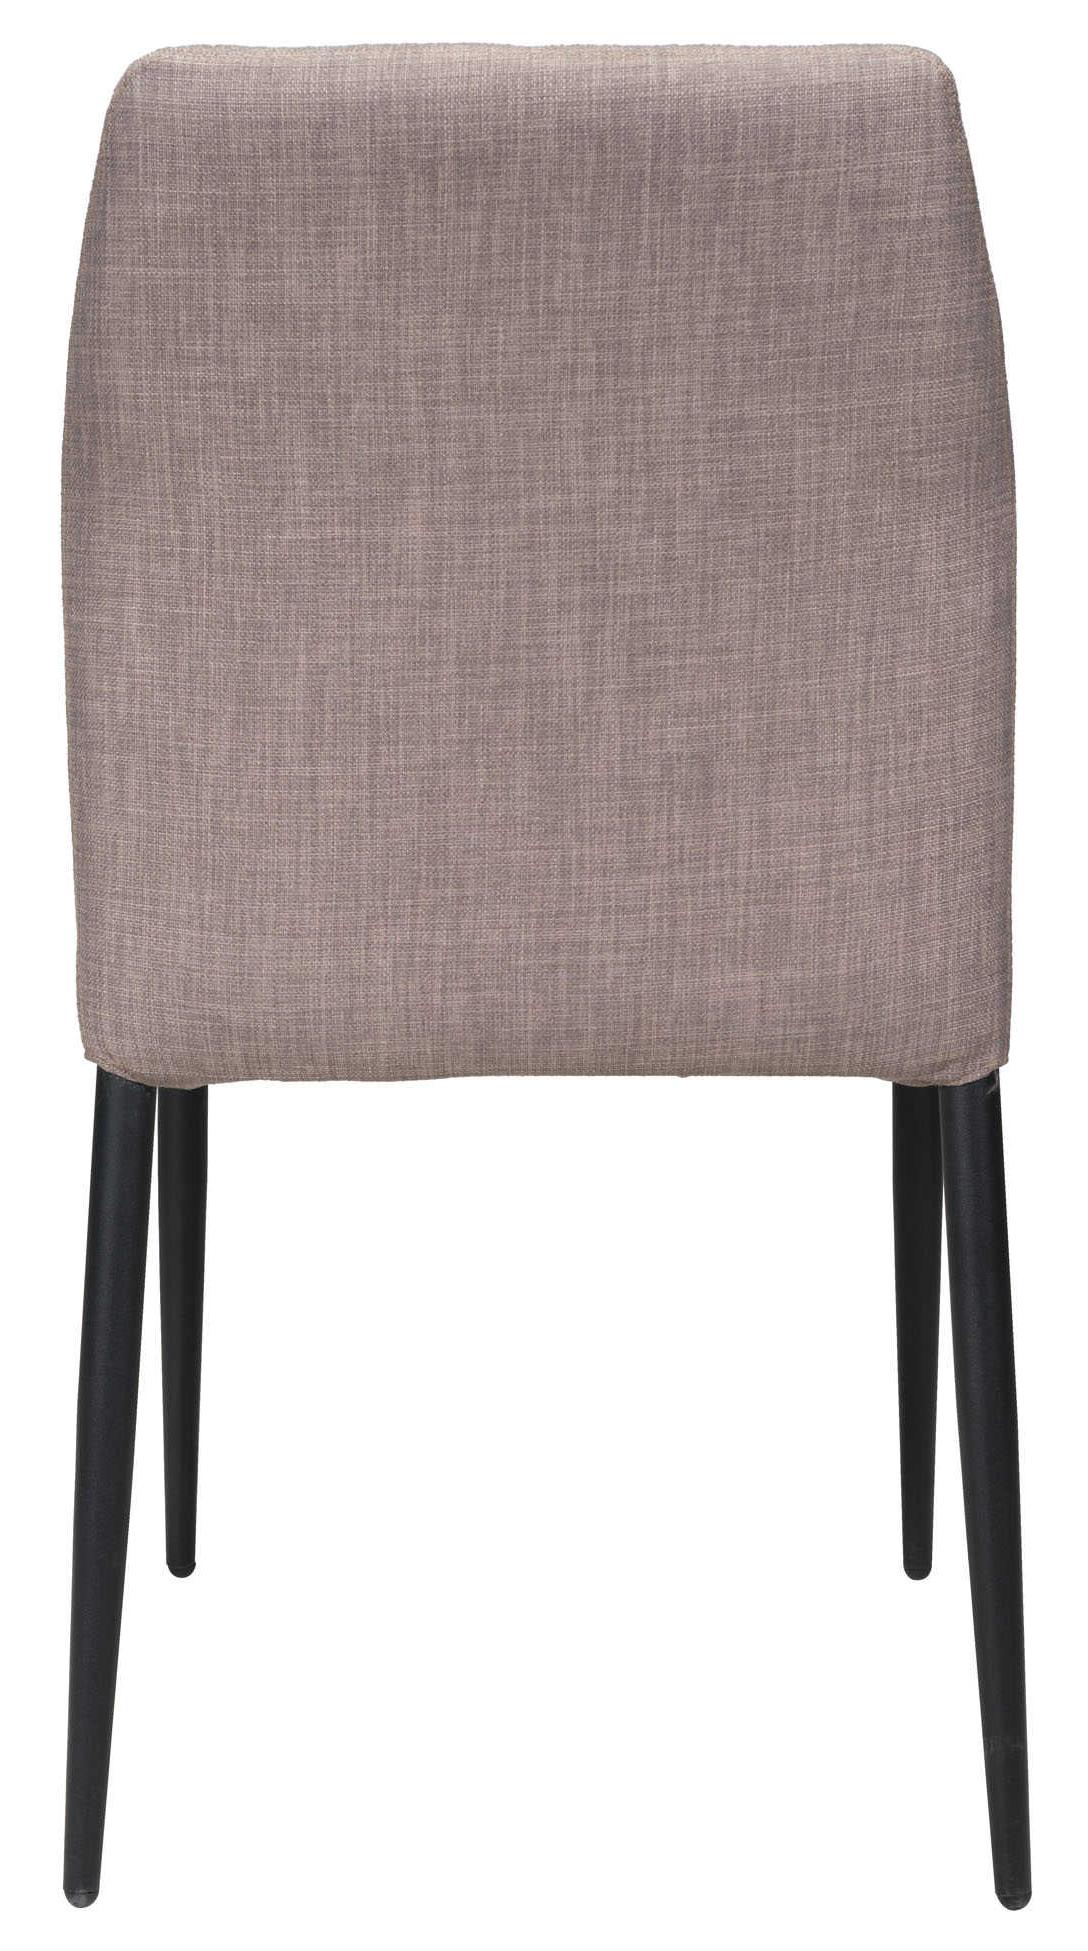 revolution dining chair light gray